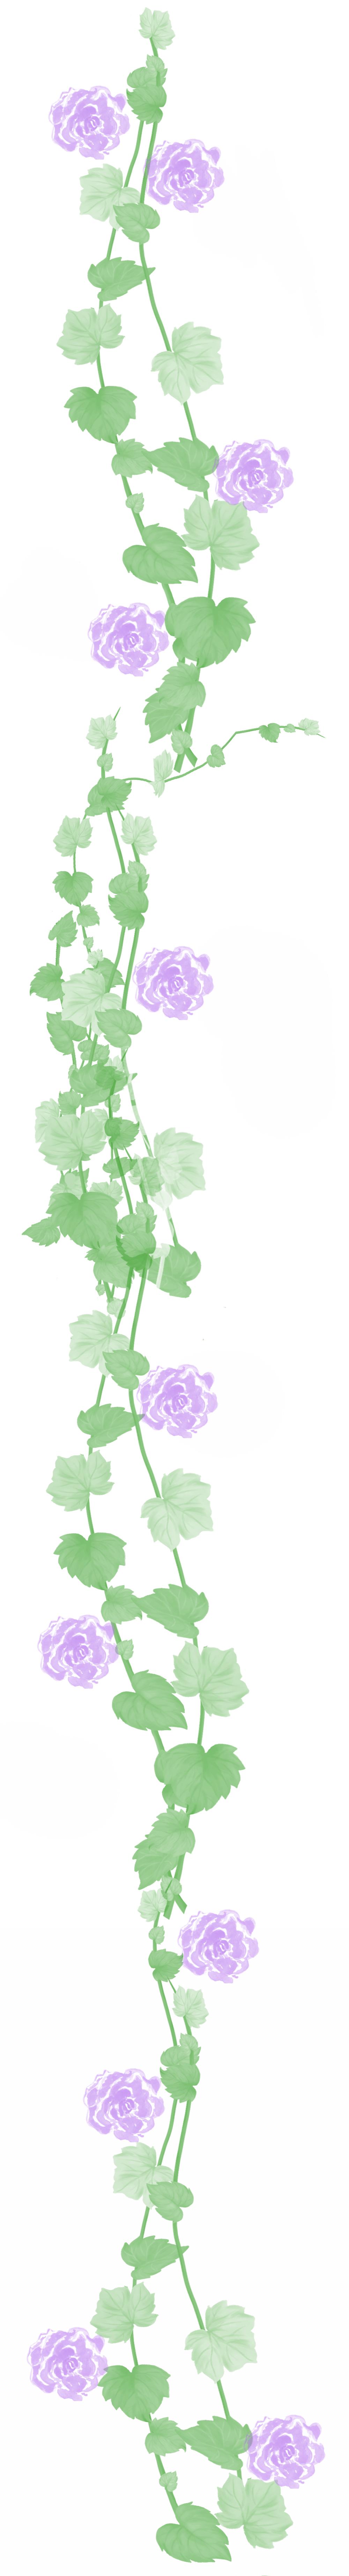 hospice-vine-flowers.jpg